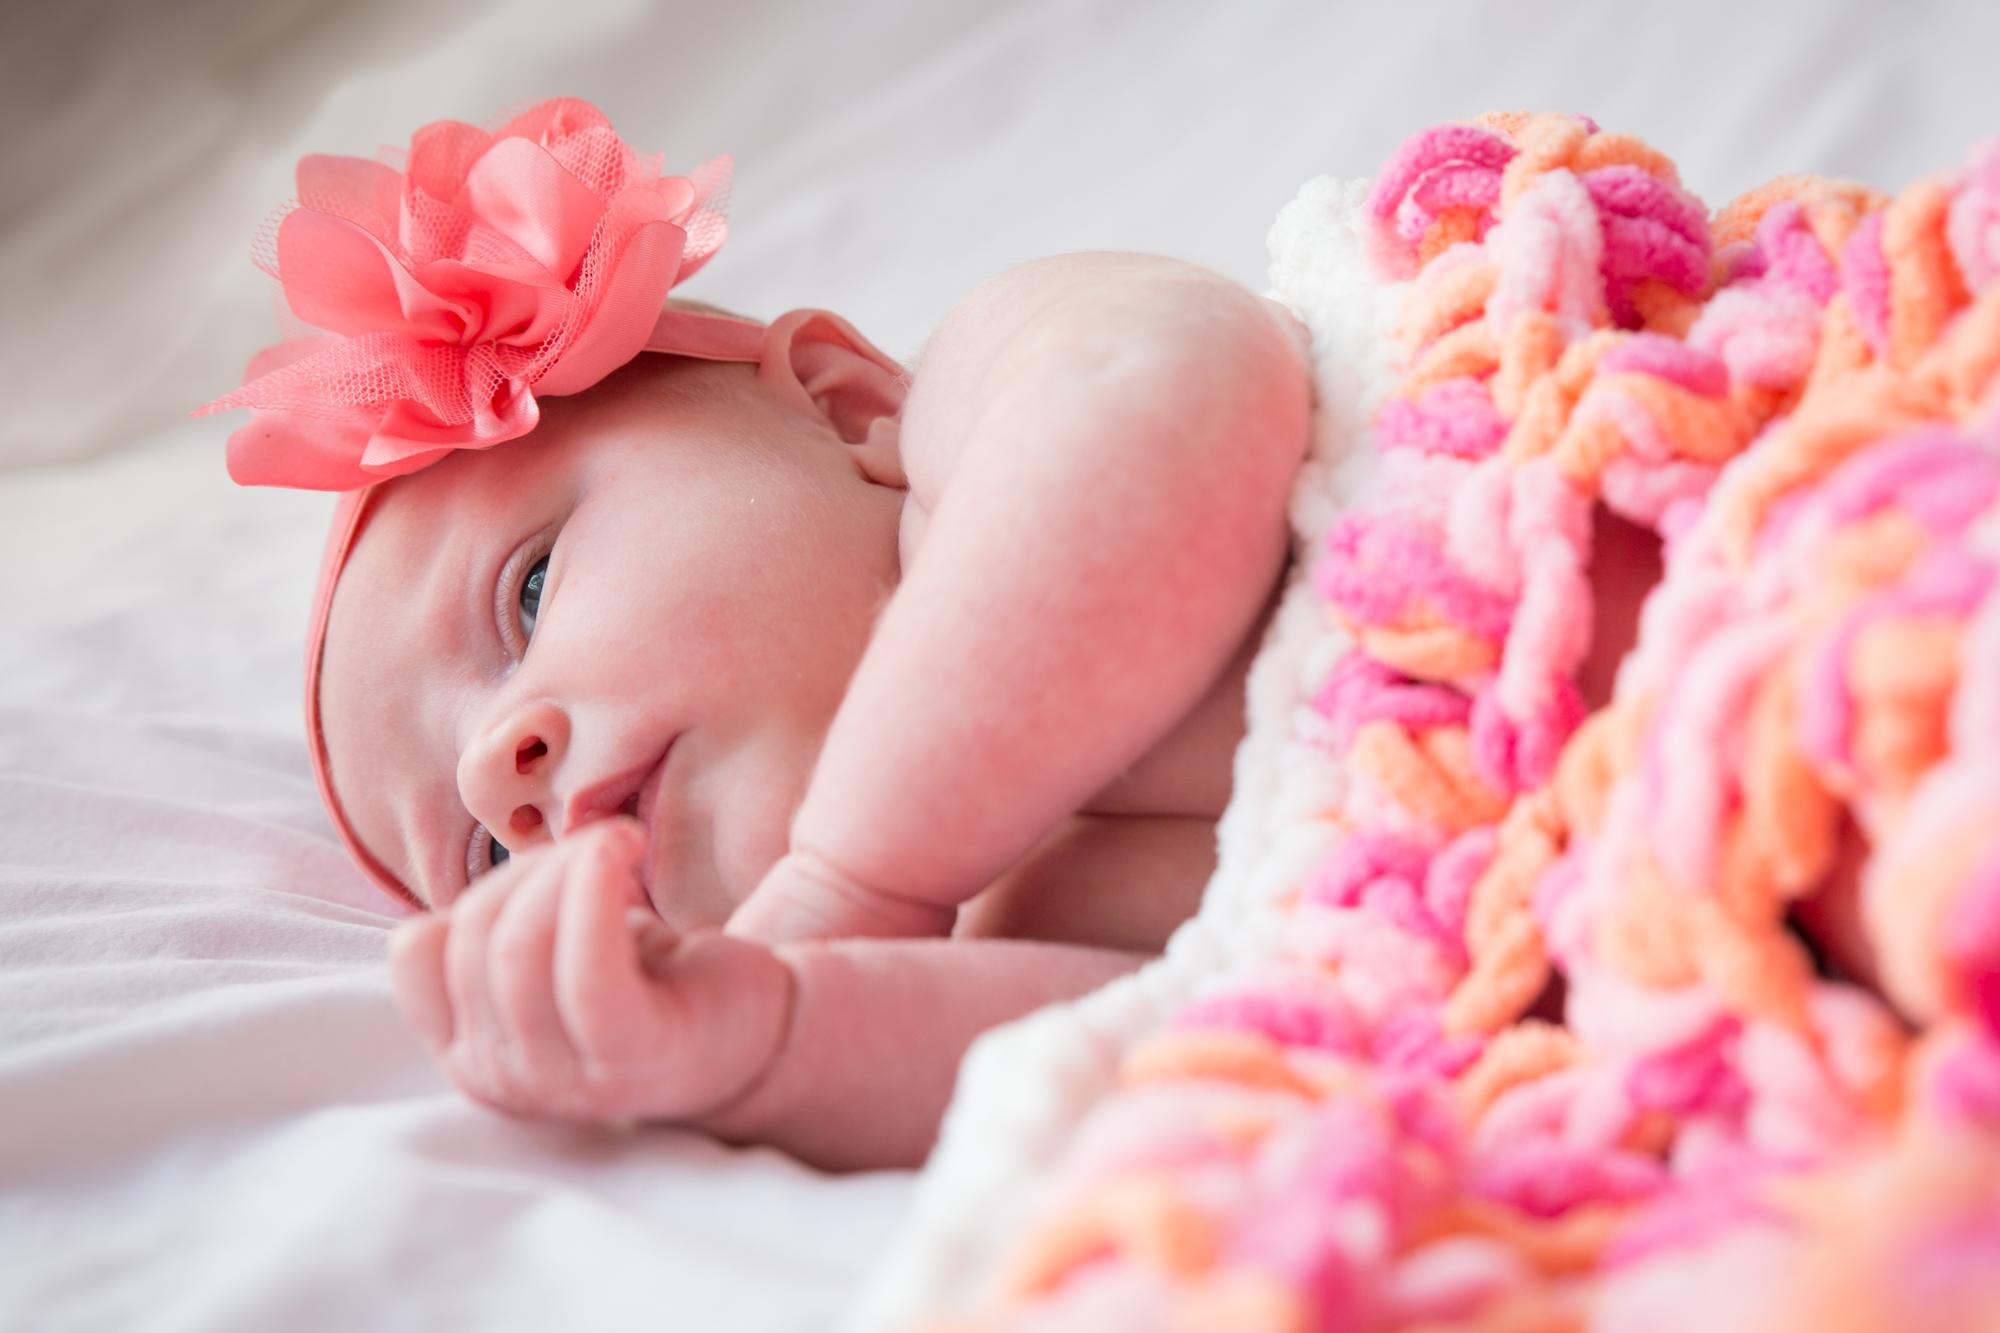 www.fivefivephotos.com.2014.Infant.Seckel.22